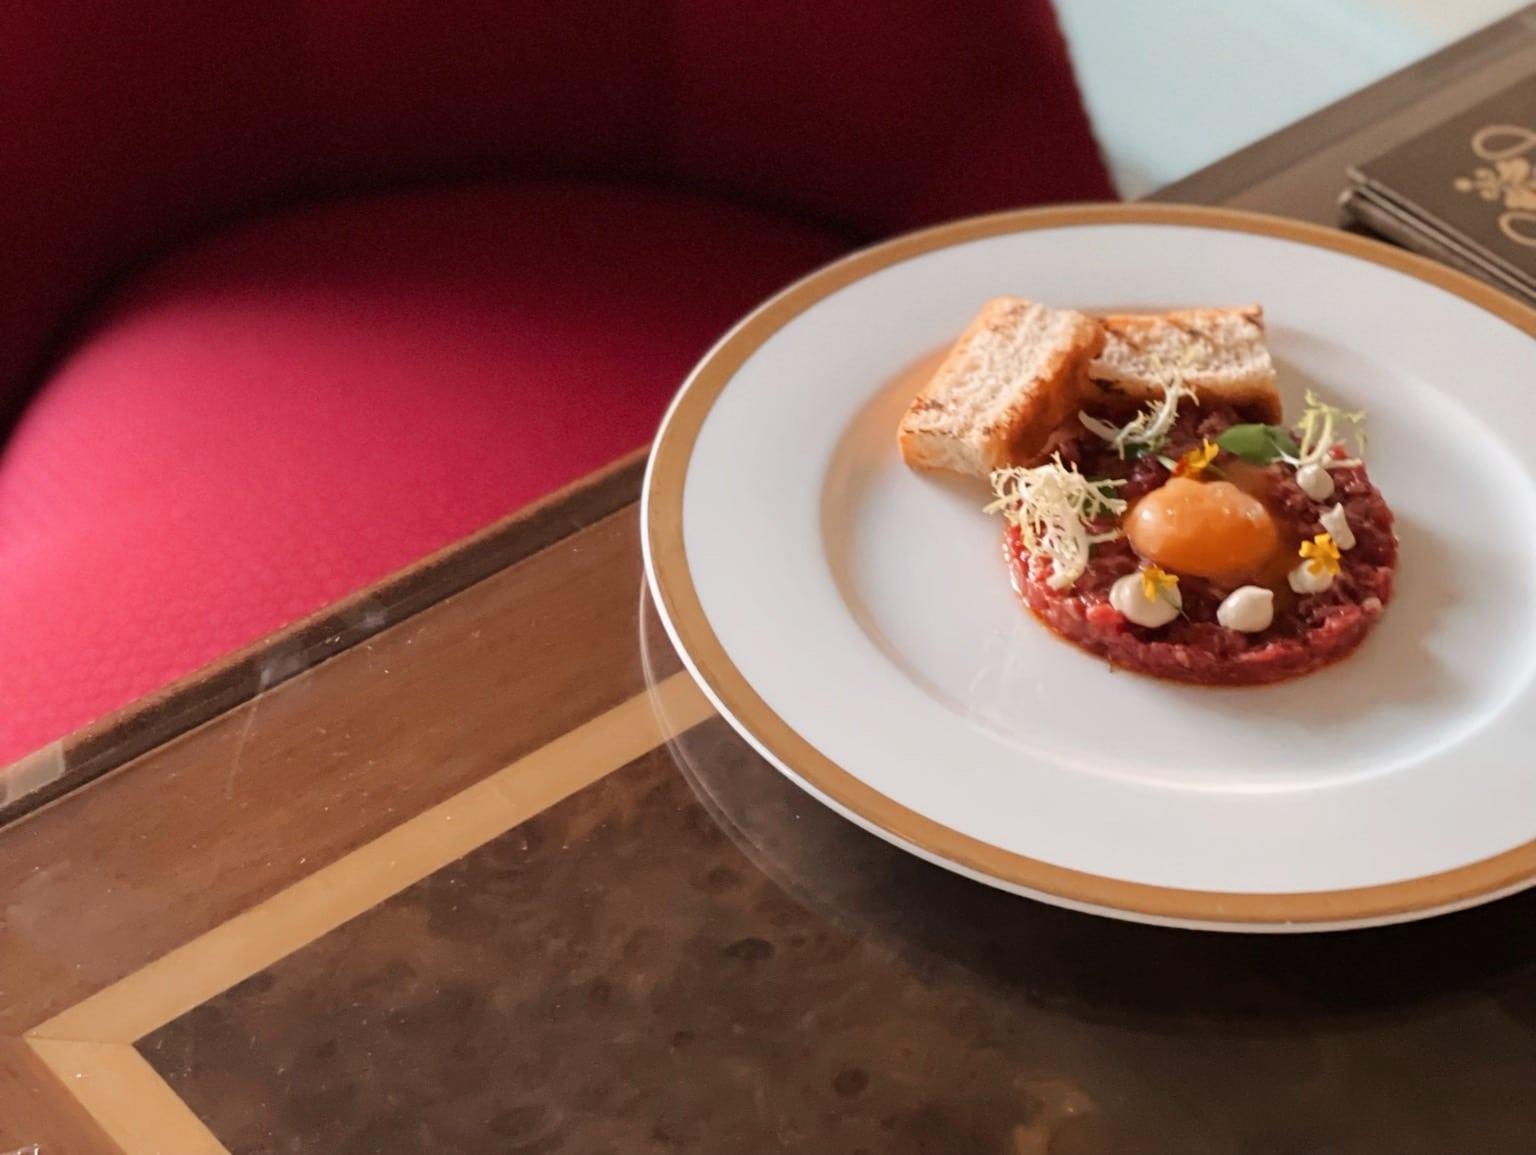 Thunfisch tartar serviert in einem Luxus-Hotel